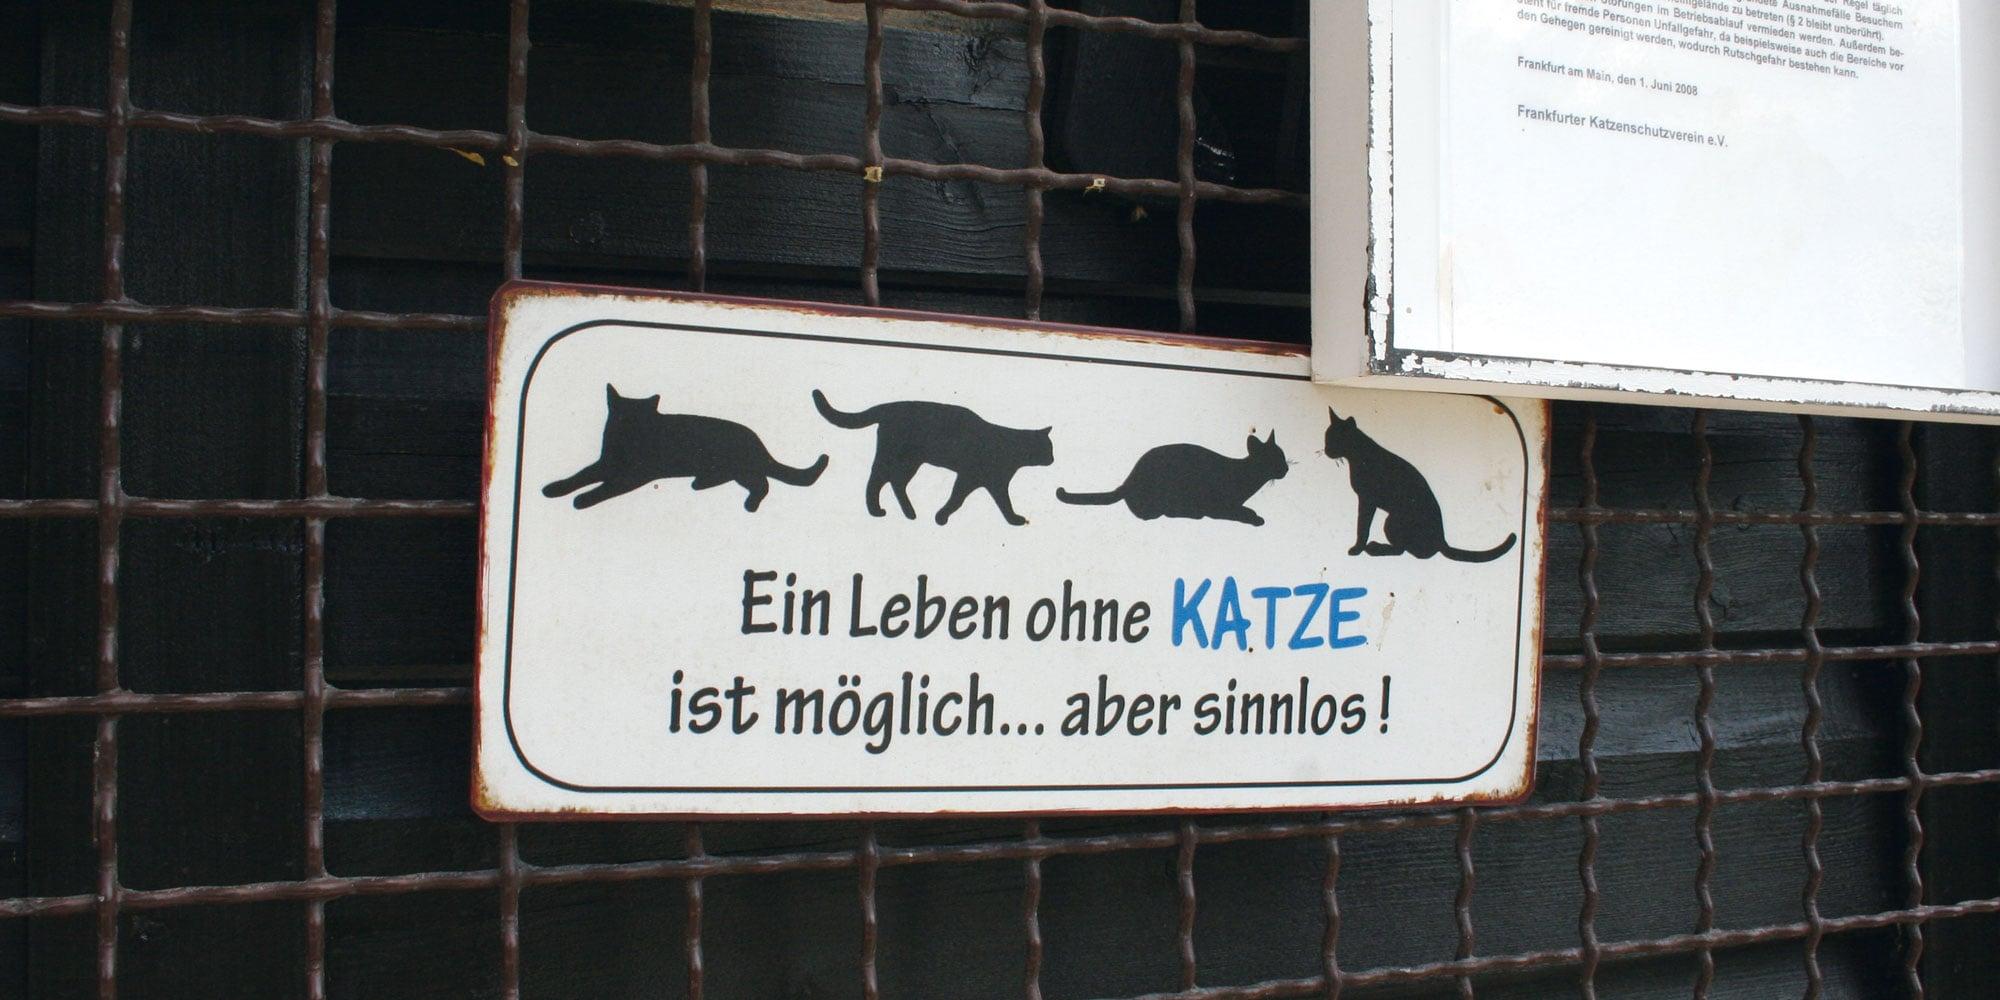 Frankfurter Katzenschutzverein Ein Tag Im Tierheim